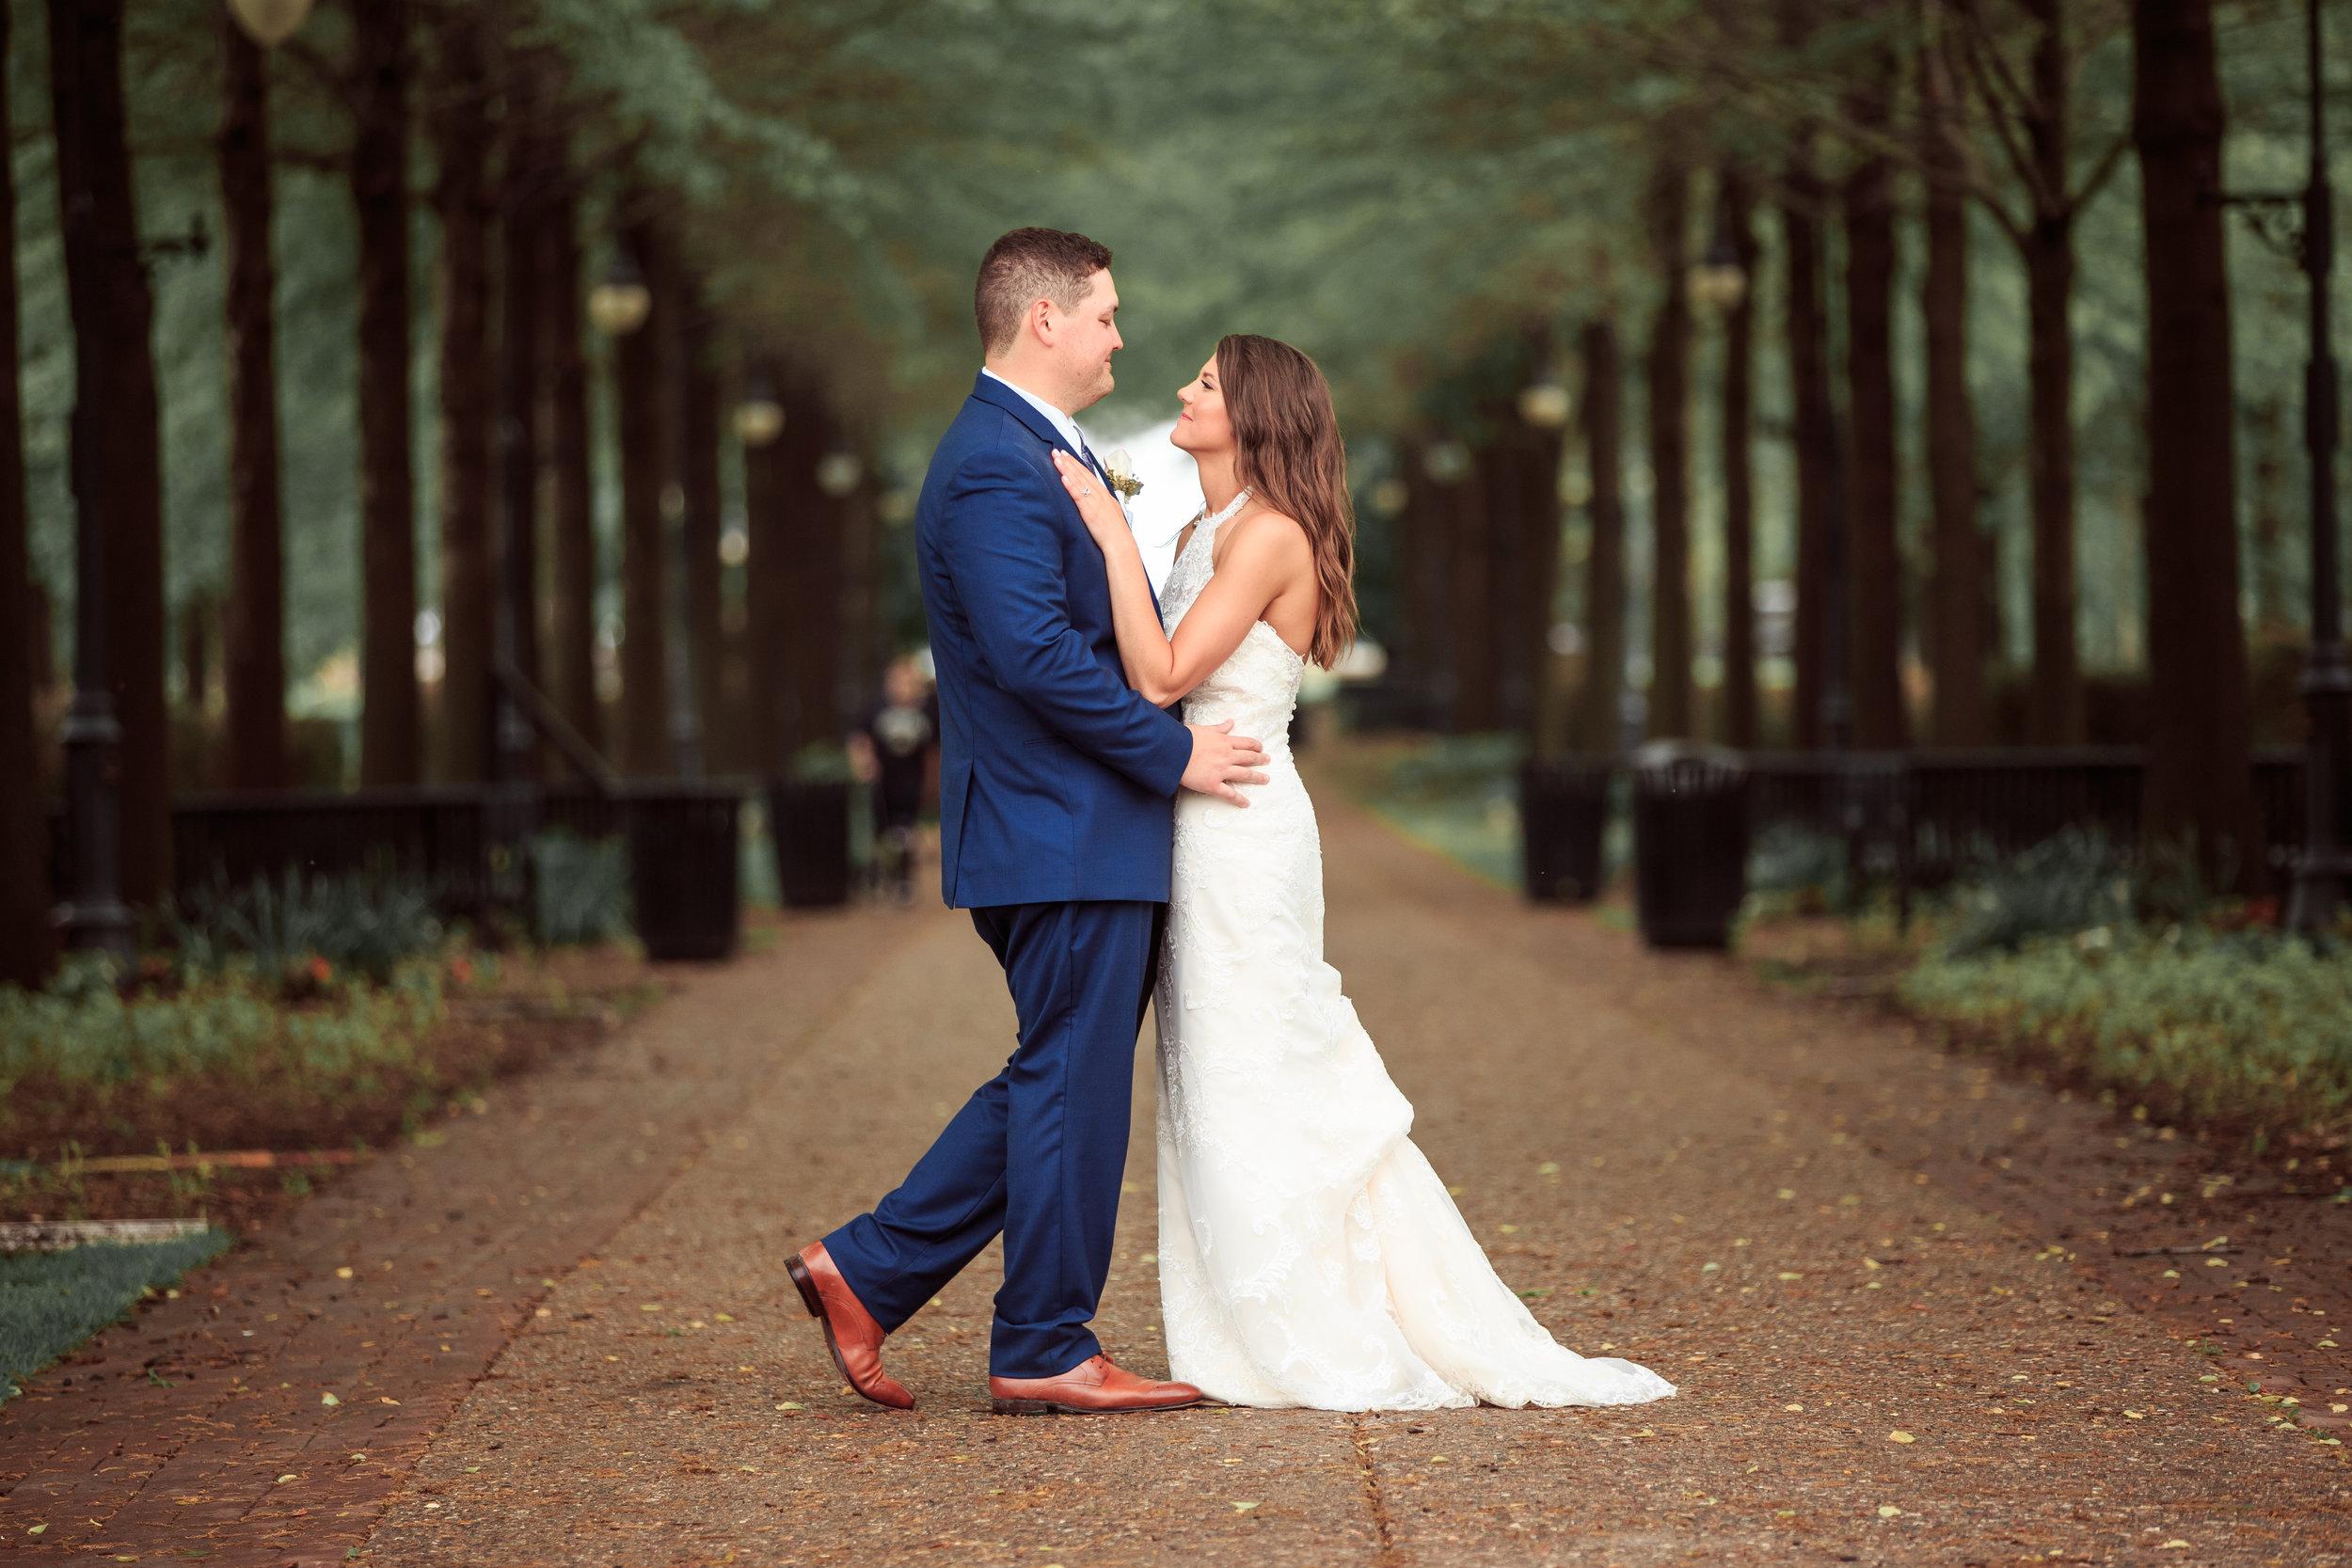 Vanderveer-davenport-wedding-in-trees.jpg